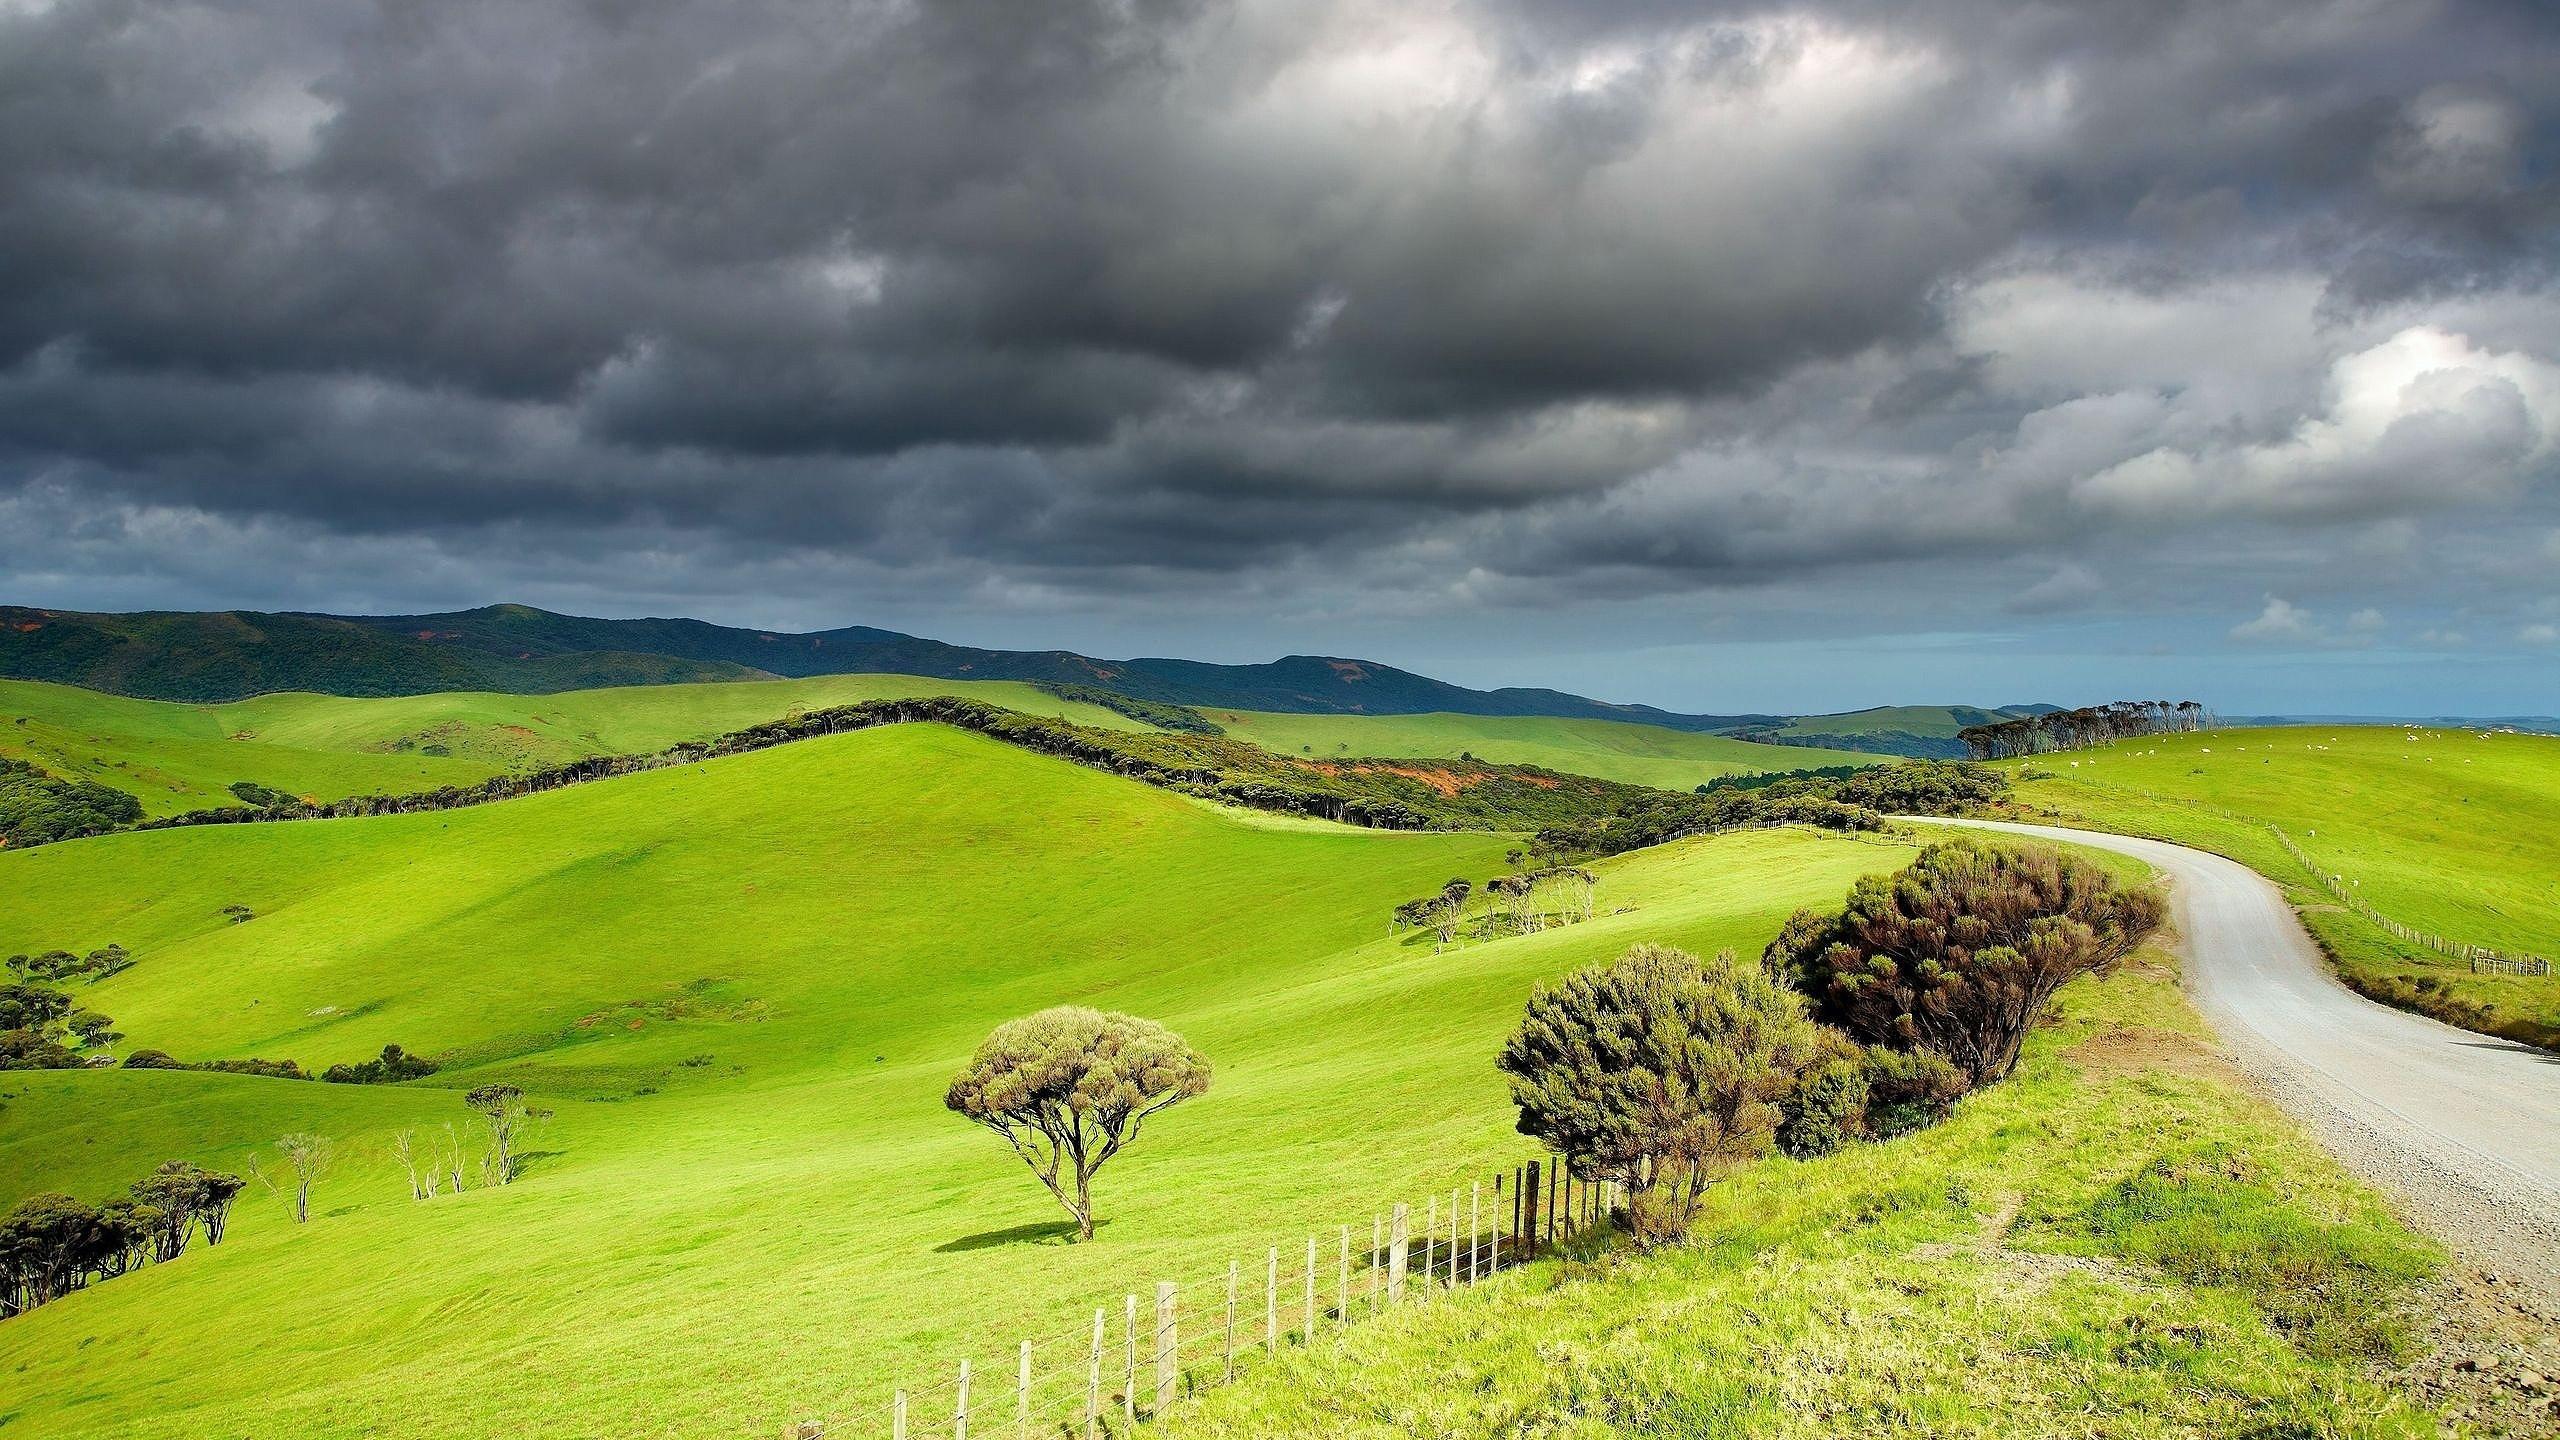 Hills Grassland